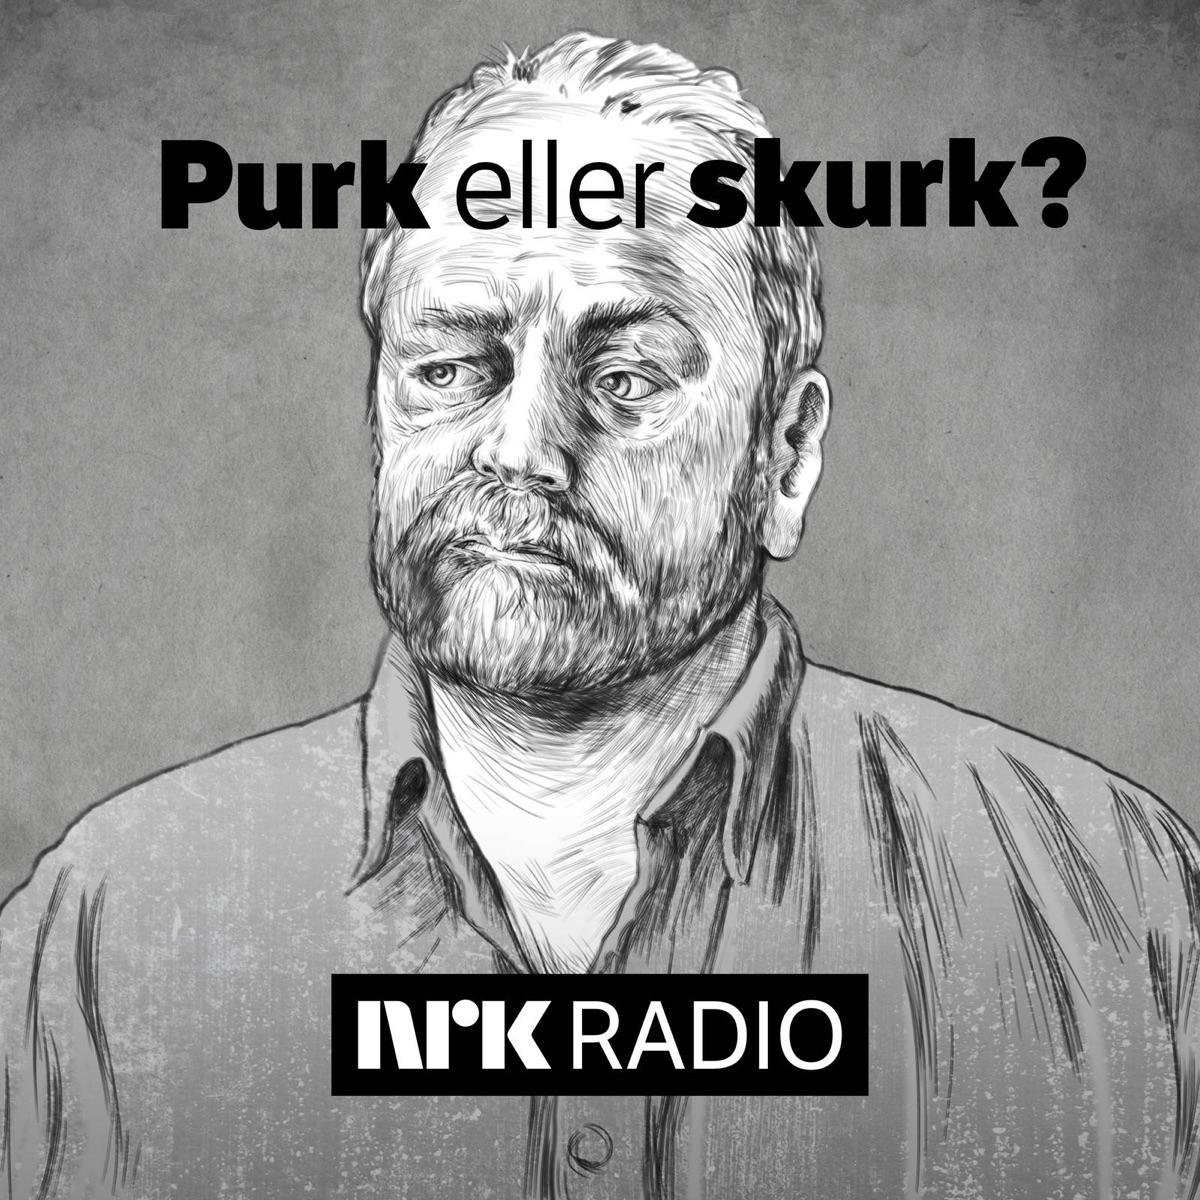 Episode 6: Er du purk eller skurk, Eirik Jensen?